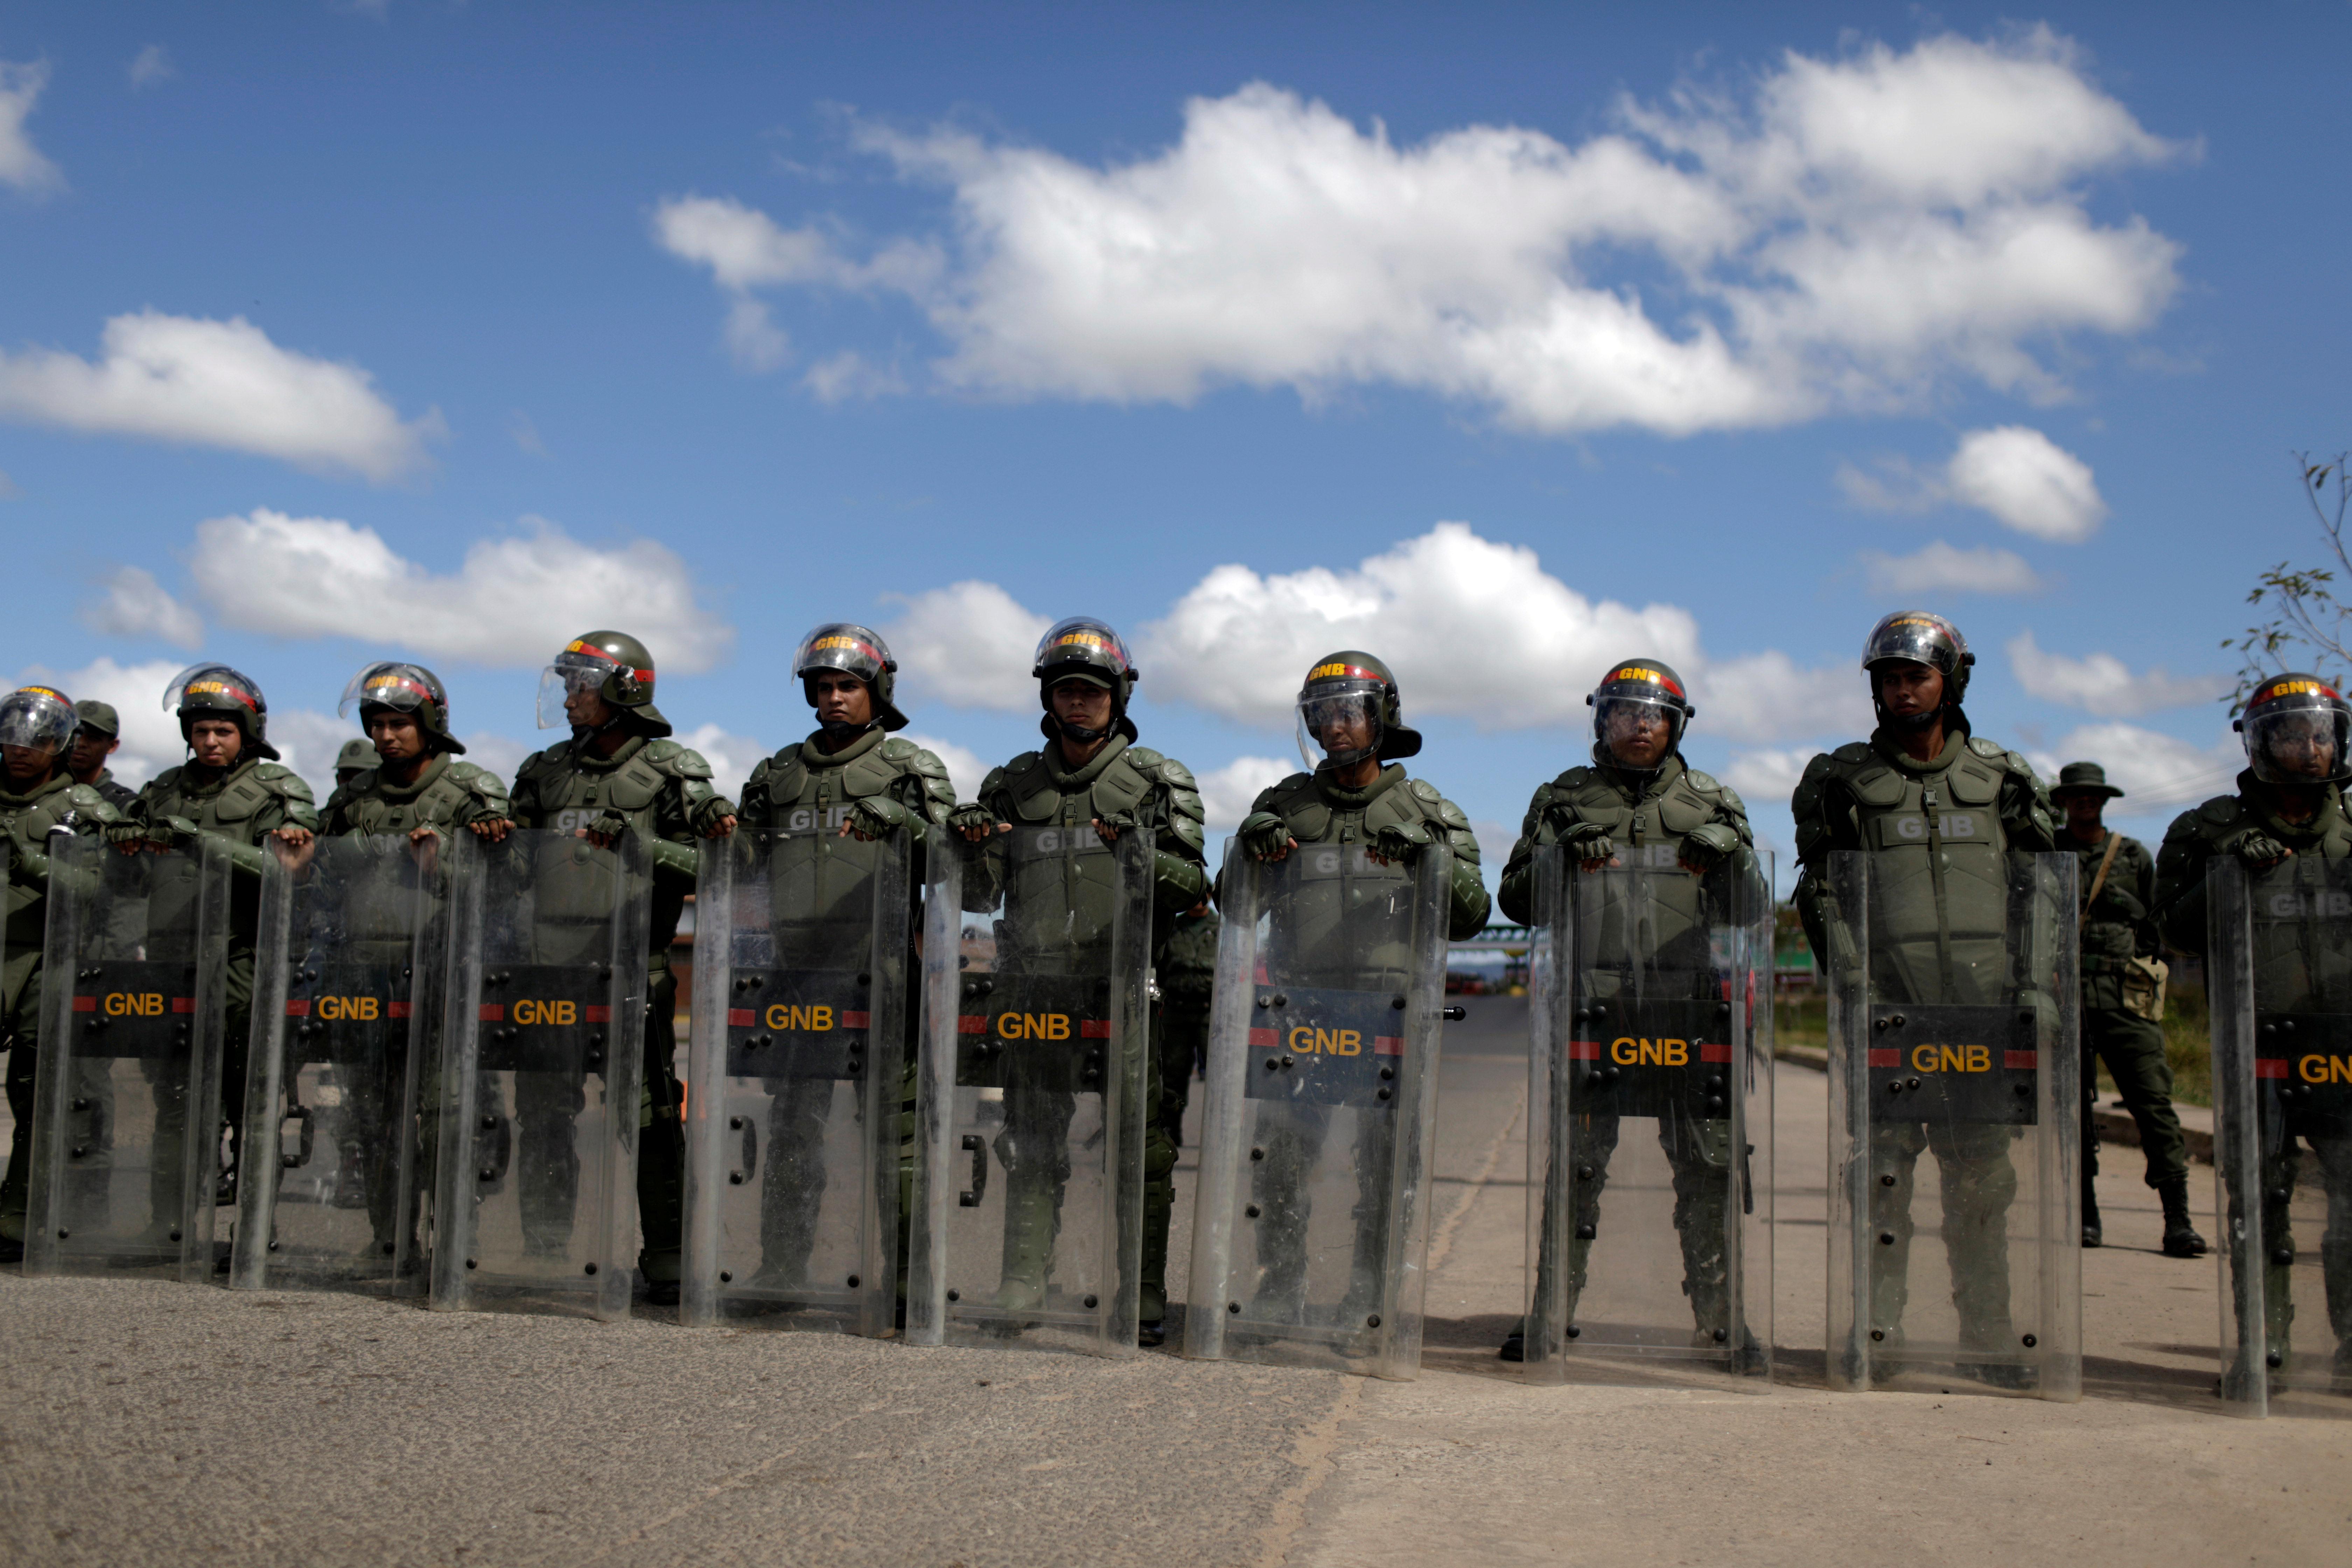 Ação militar perto da fronteira com Brasil deixa ao menos 2 mortos e 12